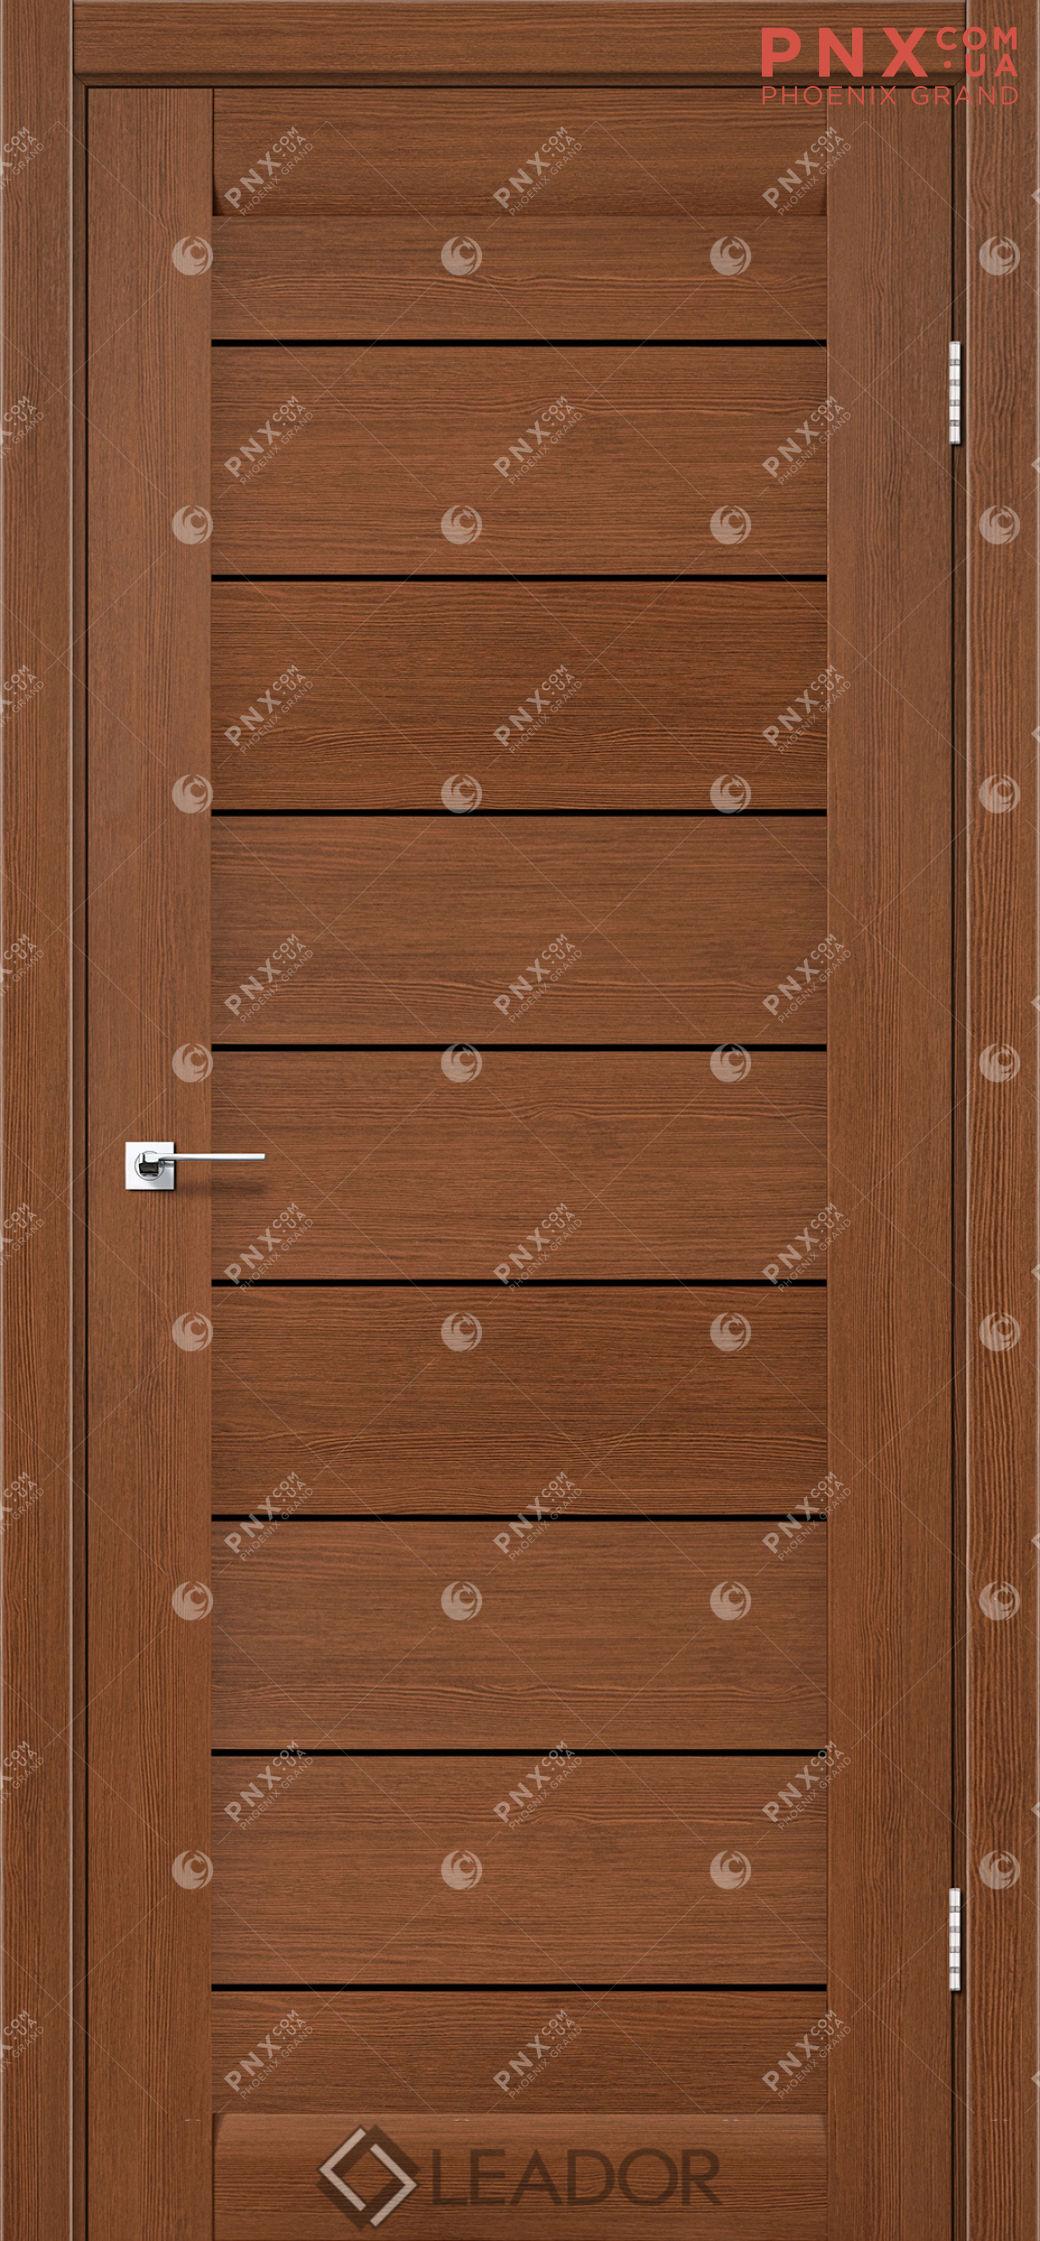 Межкомнатная дверь LEADOR Neapol, Браун, Черное стекло